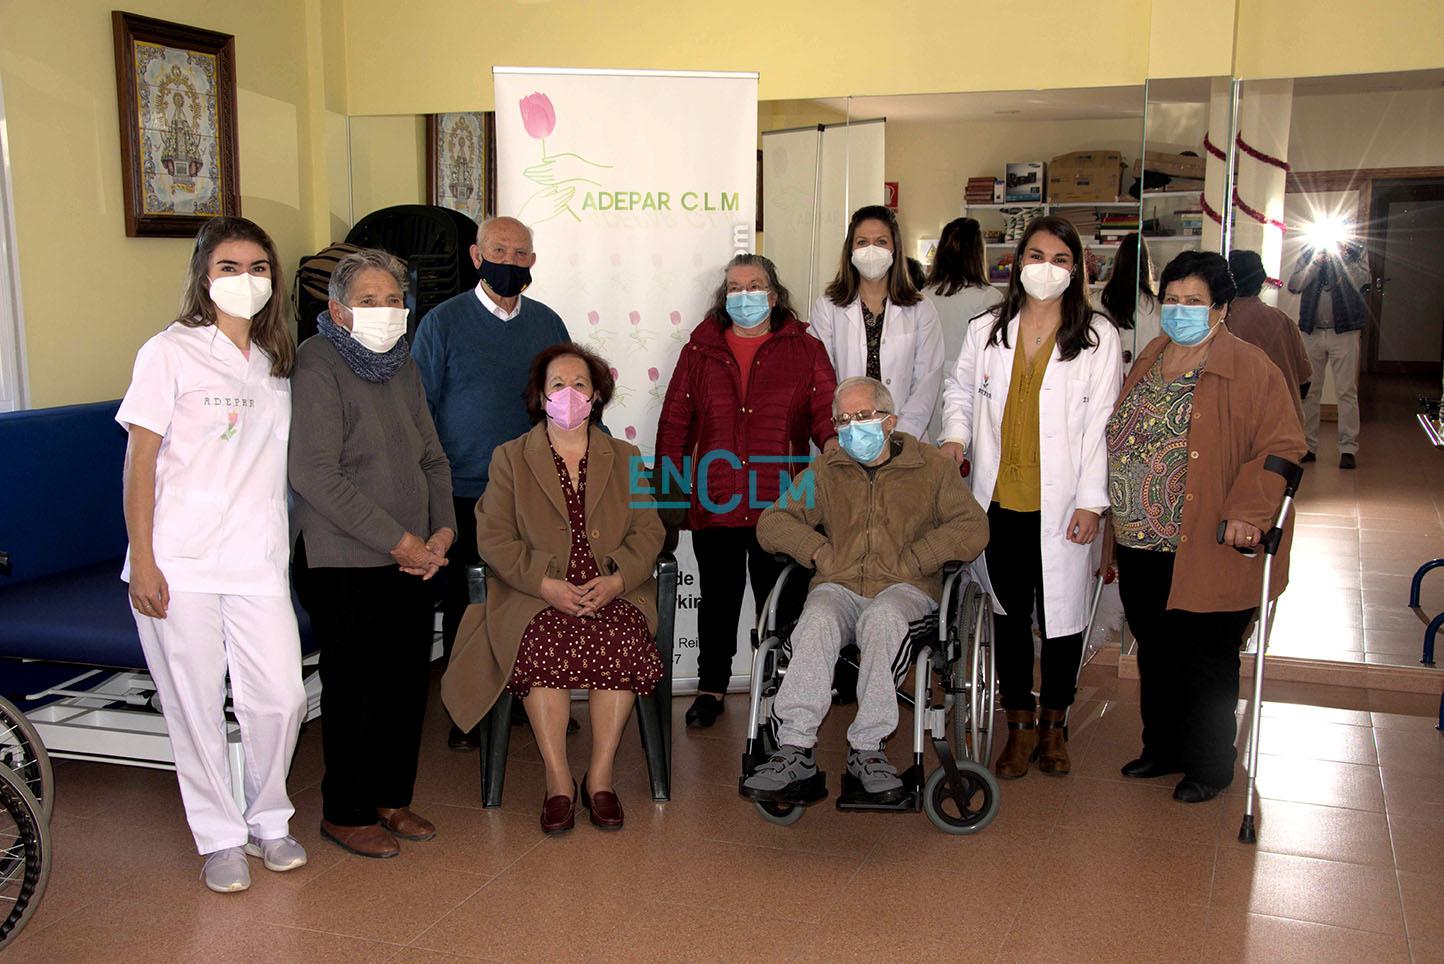 Miembros de la Asociación de Parkinson de Talavera.